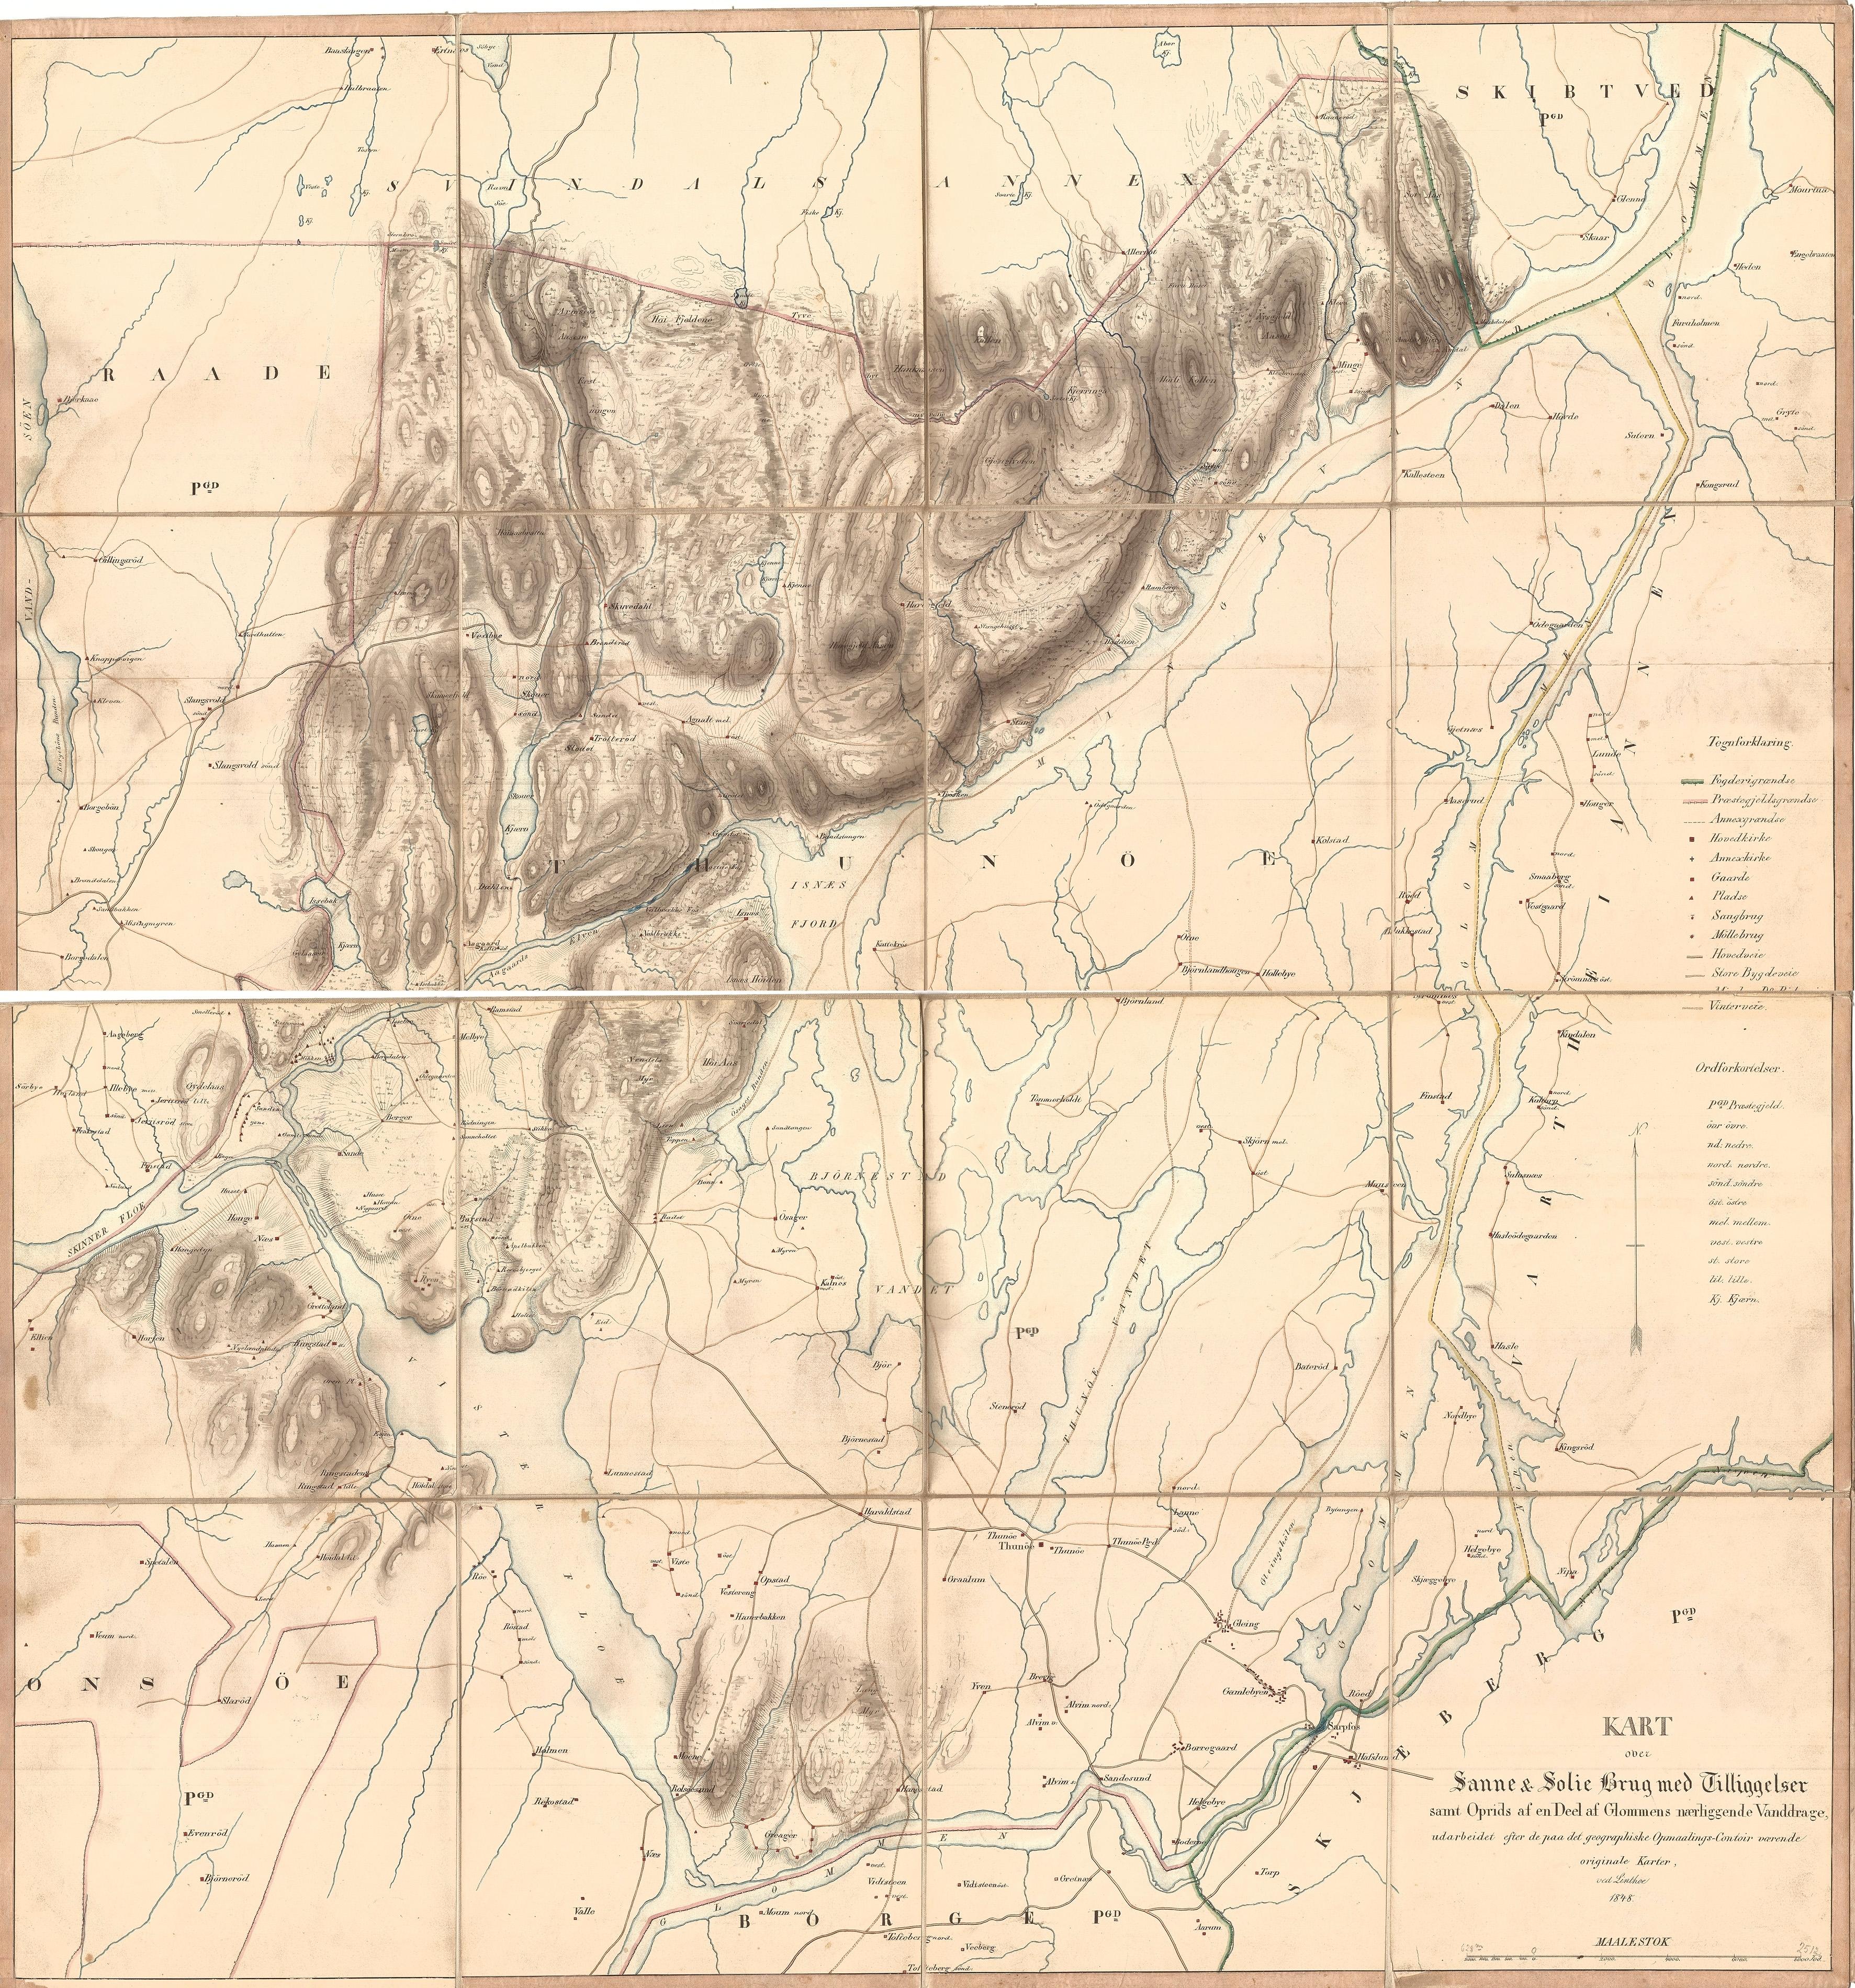 Kart Over Sanne Solie Brug Sanne Og Soli Brug I Ostfold Fylke